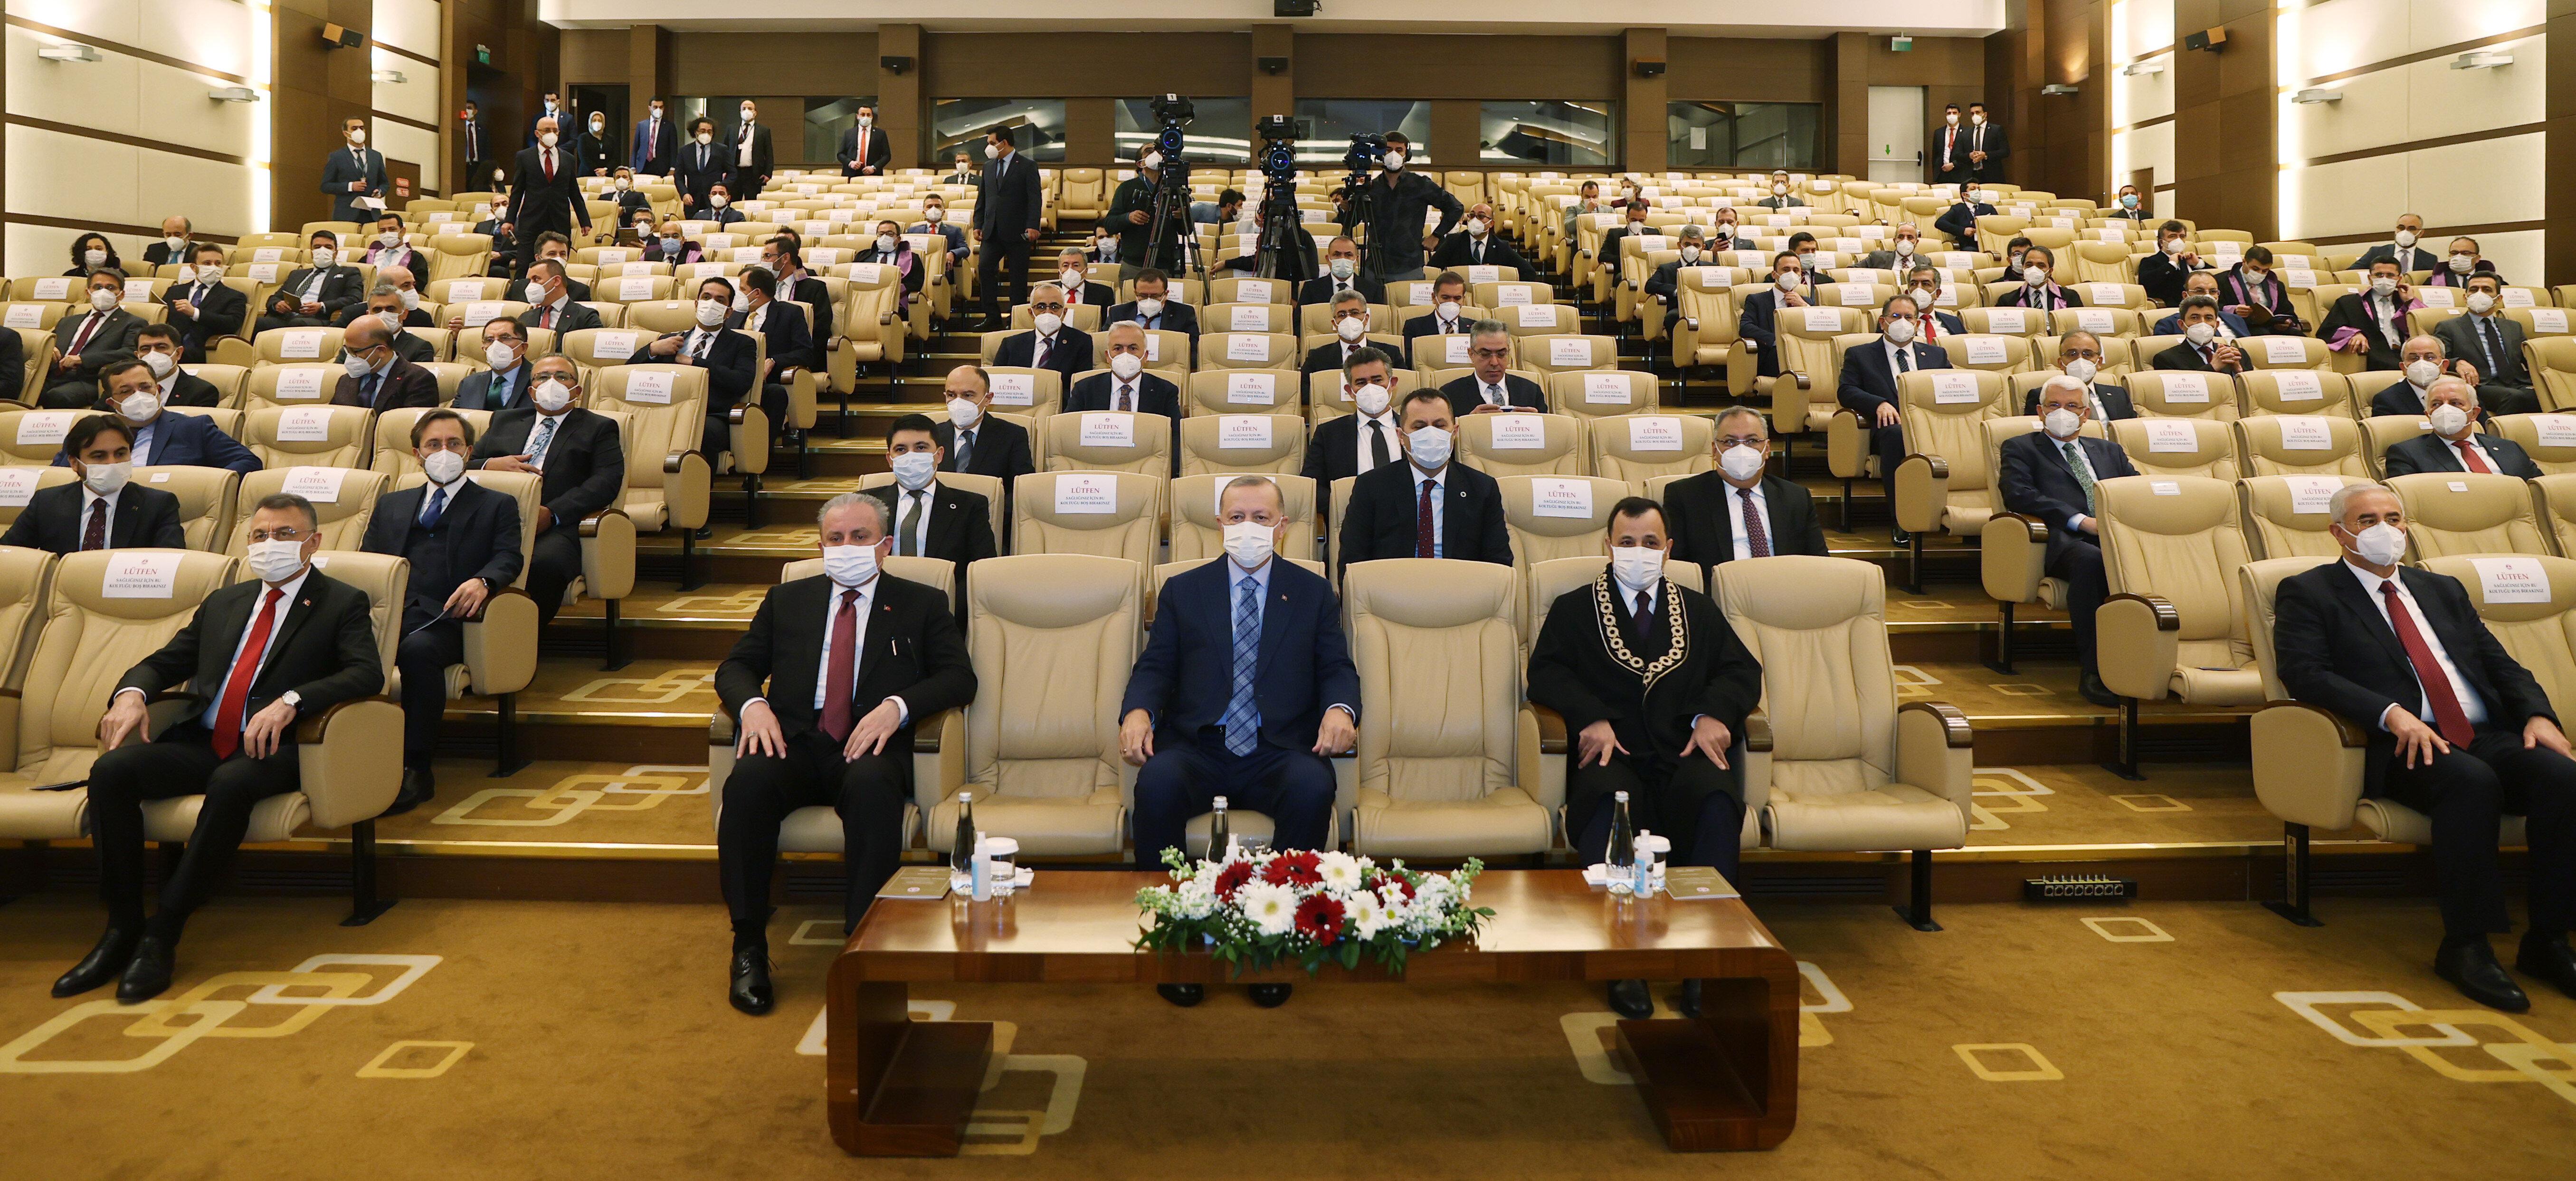 Anayasa Mahkemesi Başkanı Zühtü Arslan, başkanvekilleri ve yeni üye İrfan Fidan, konukları kapıda karşıladı.